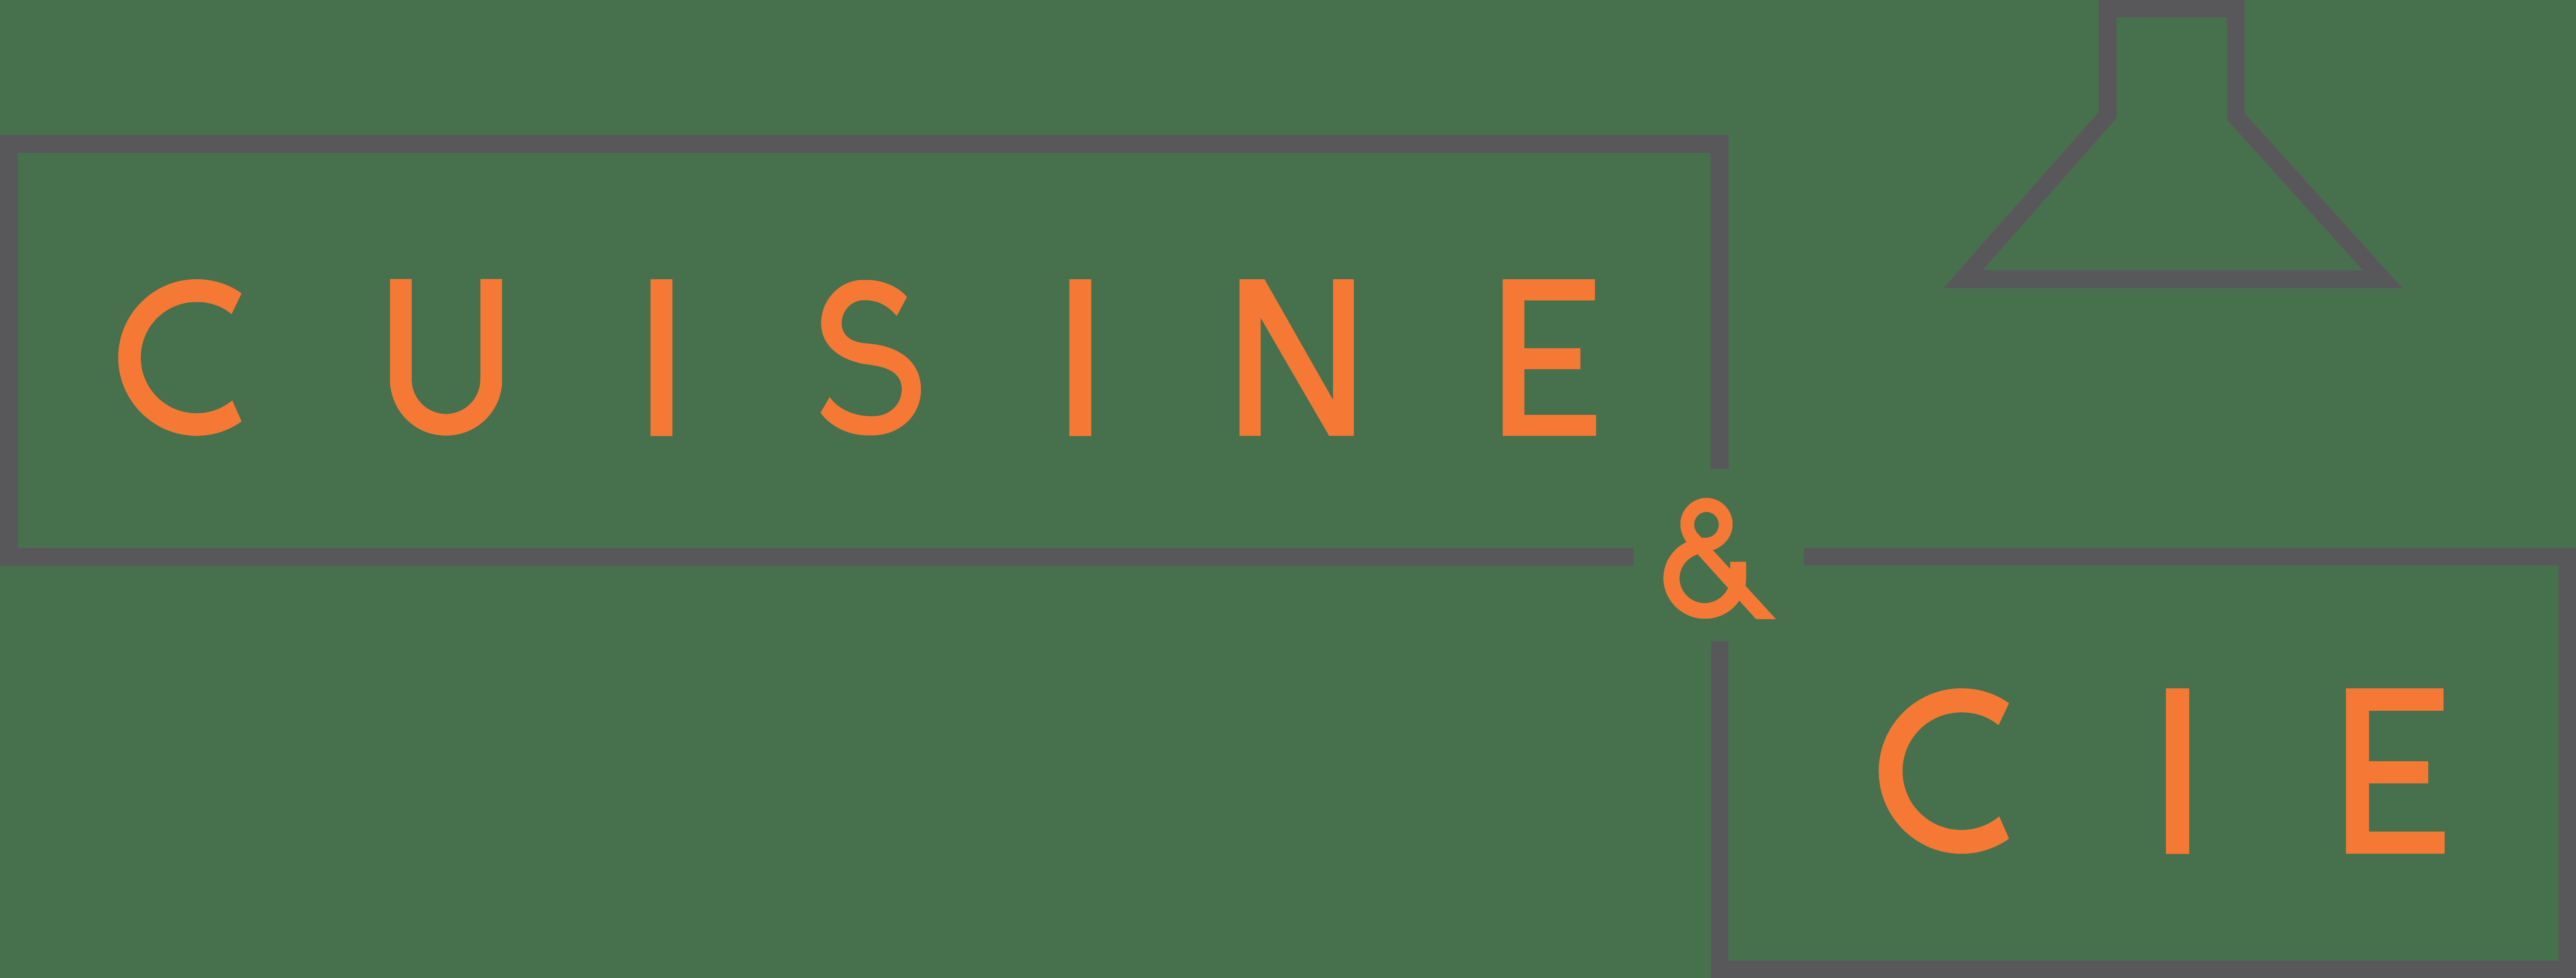 logo cuisine&cie fournisseur logiciel prodboard photoréaliste 3D L'Agence3D kitchenette logiciel configurateur concepteur planeur planificateur